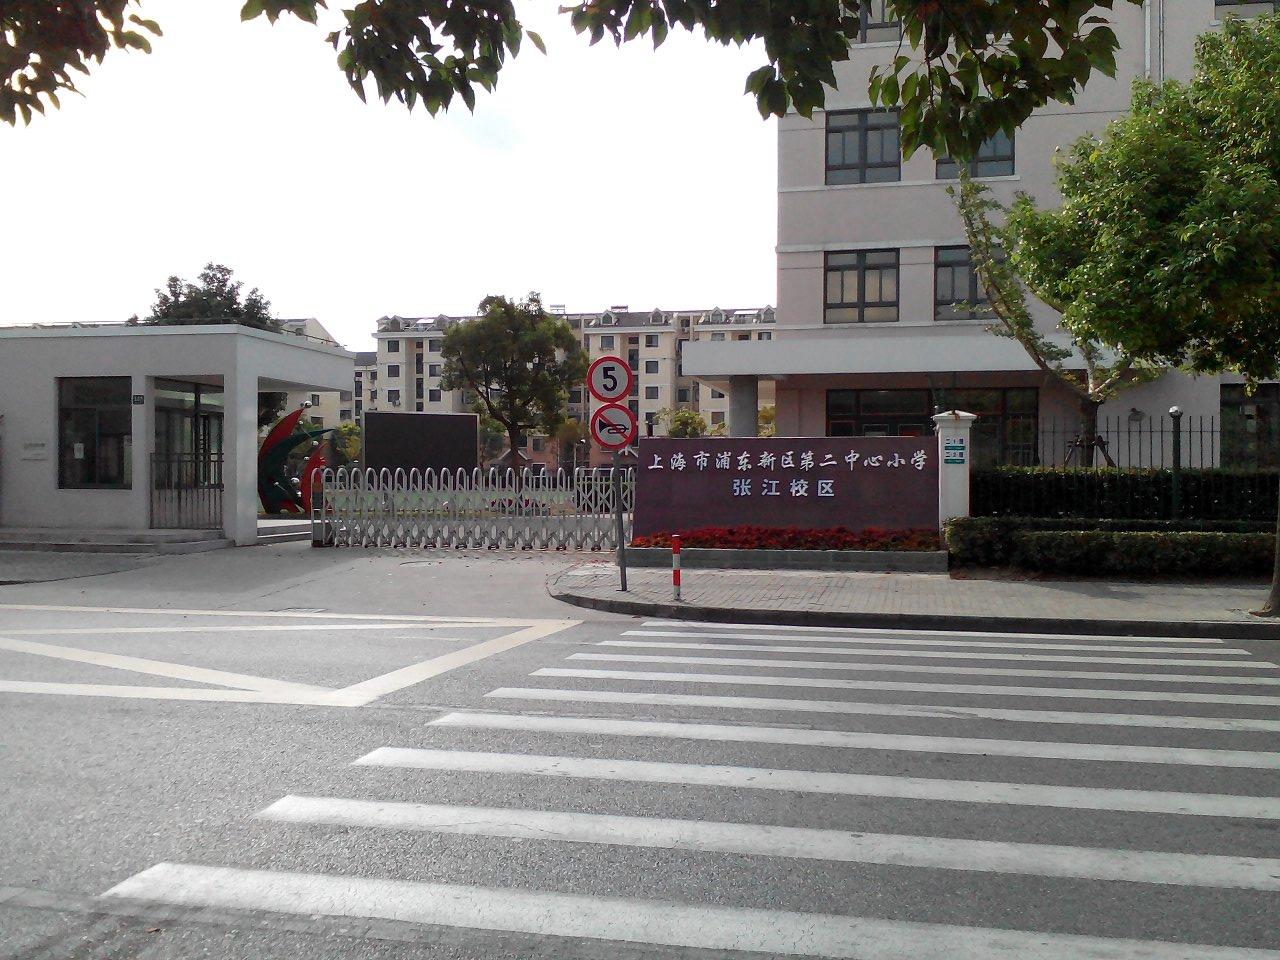 浦东新区第二中心小学张江校区